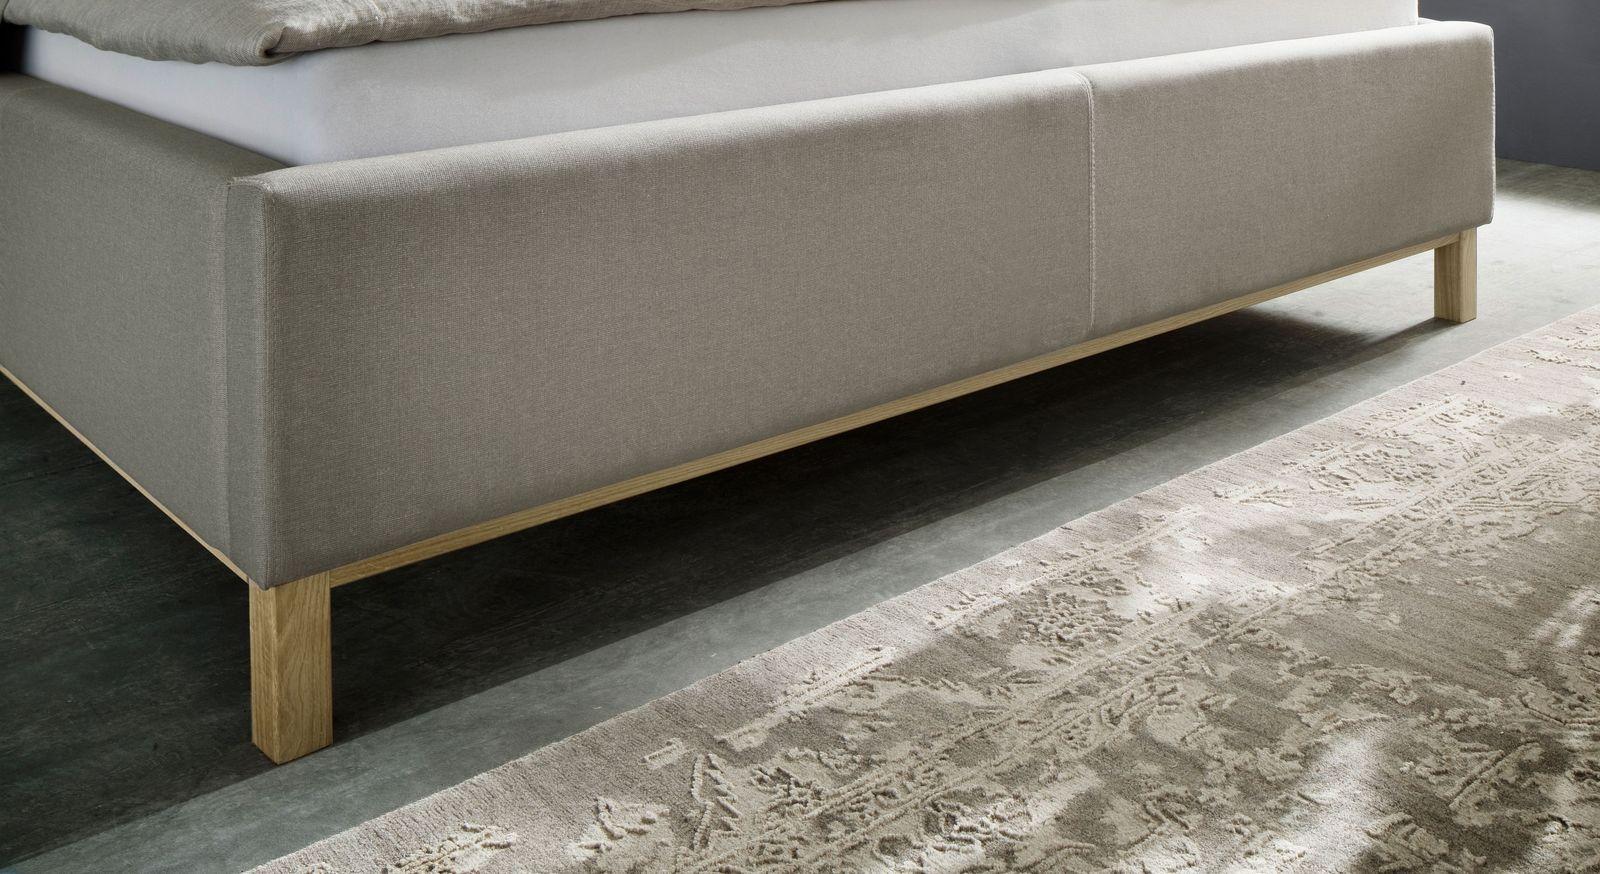 Bett Niebla mit Bettbeinen und Leisten aus Massivholz